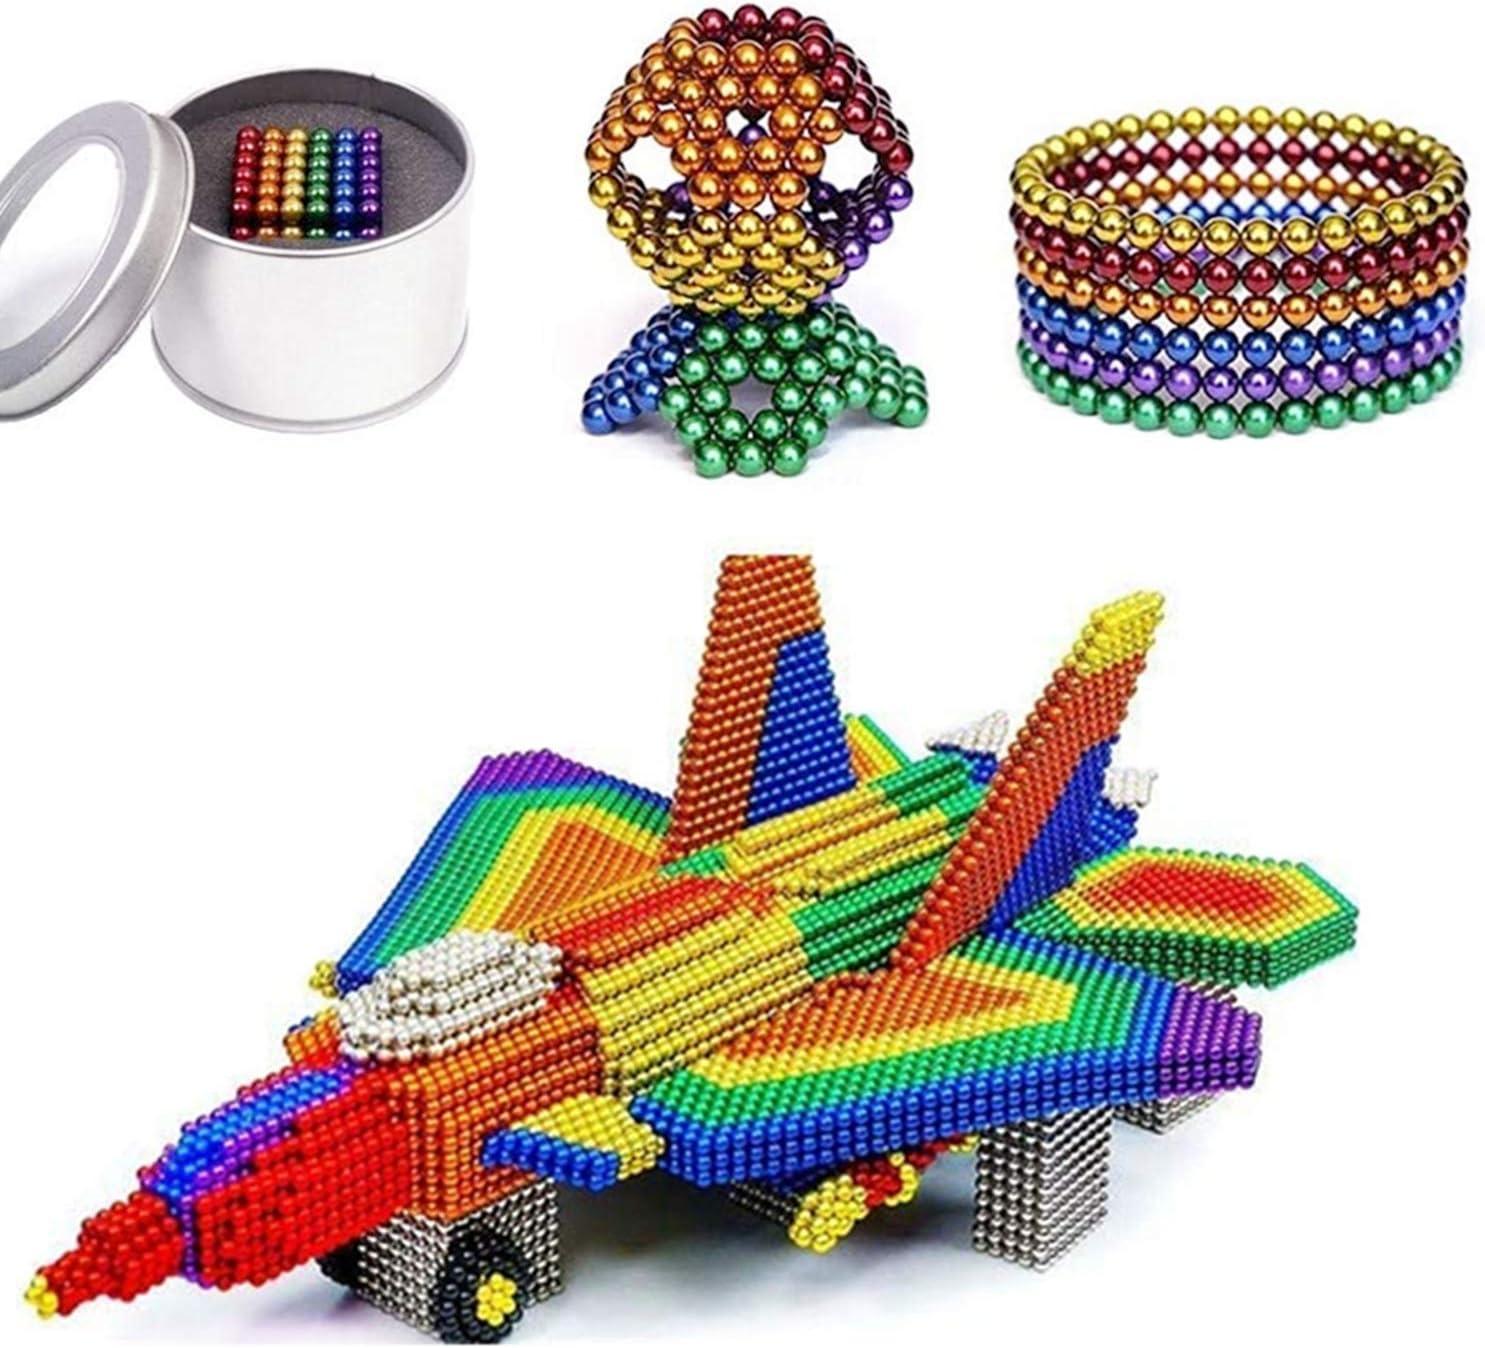 HapeeFun Bolas de Rompecabezas mágico Bola Descompresión Desarrollo Inteligente Juguetes Regalo Ideales para niños y Adultos - 6 Colores-216pcs